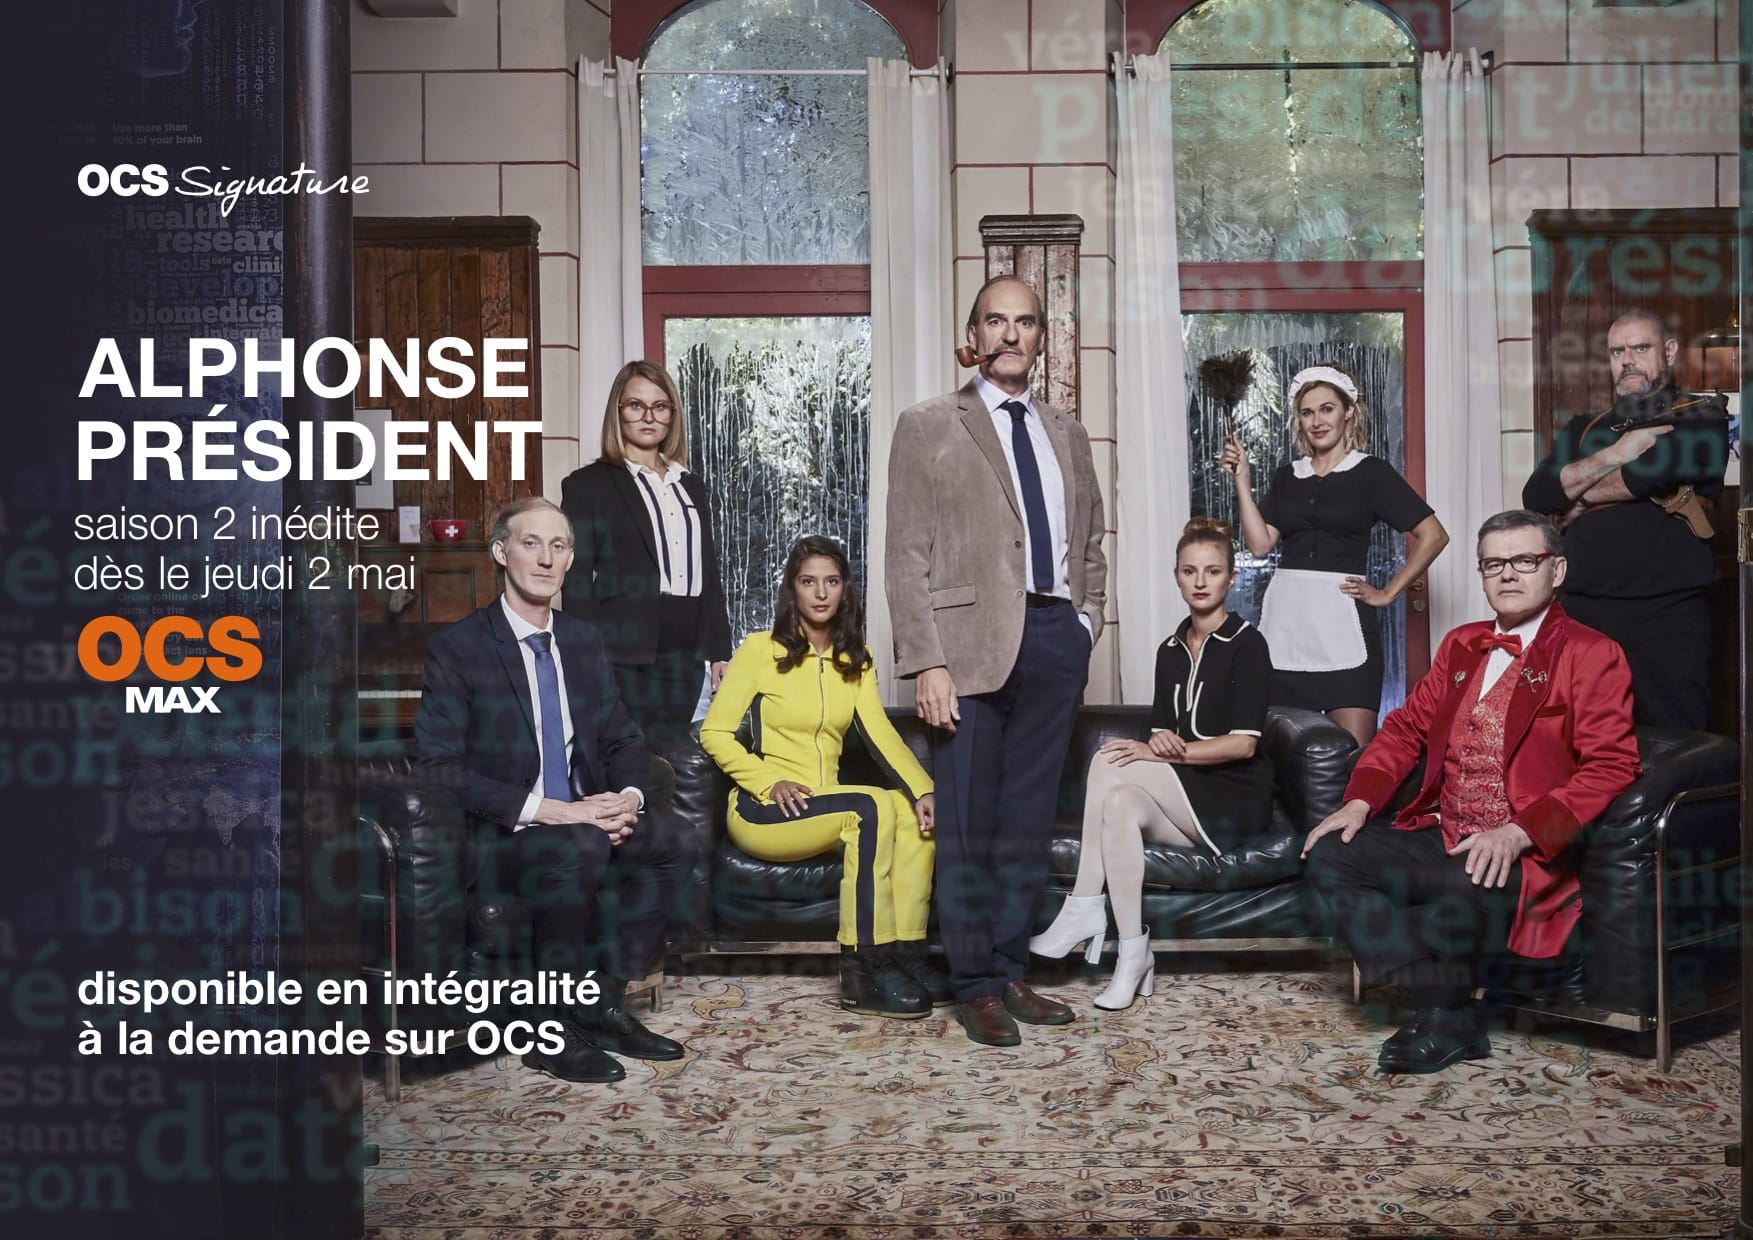 Alphonse Président saison 2 affiche série télé